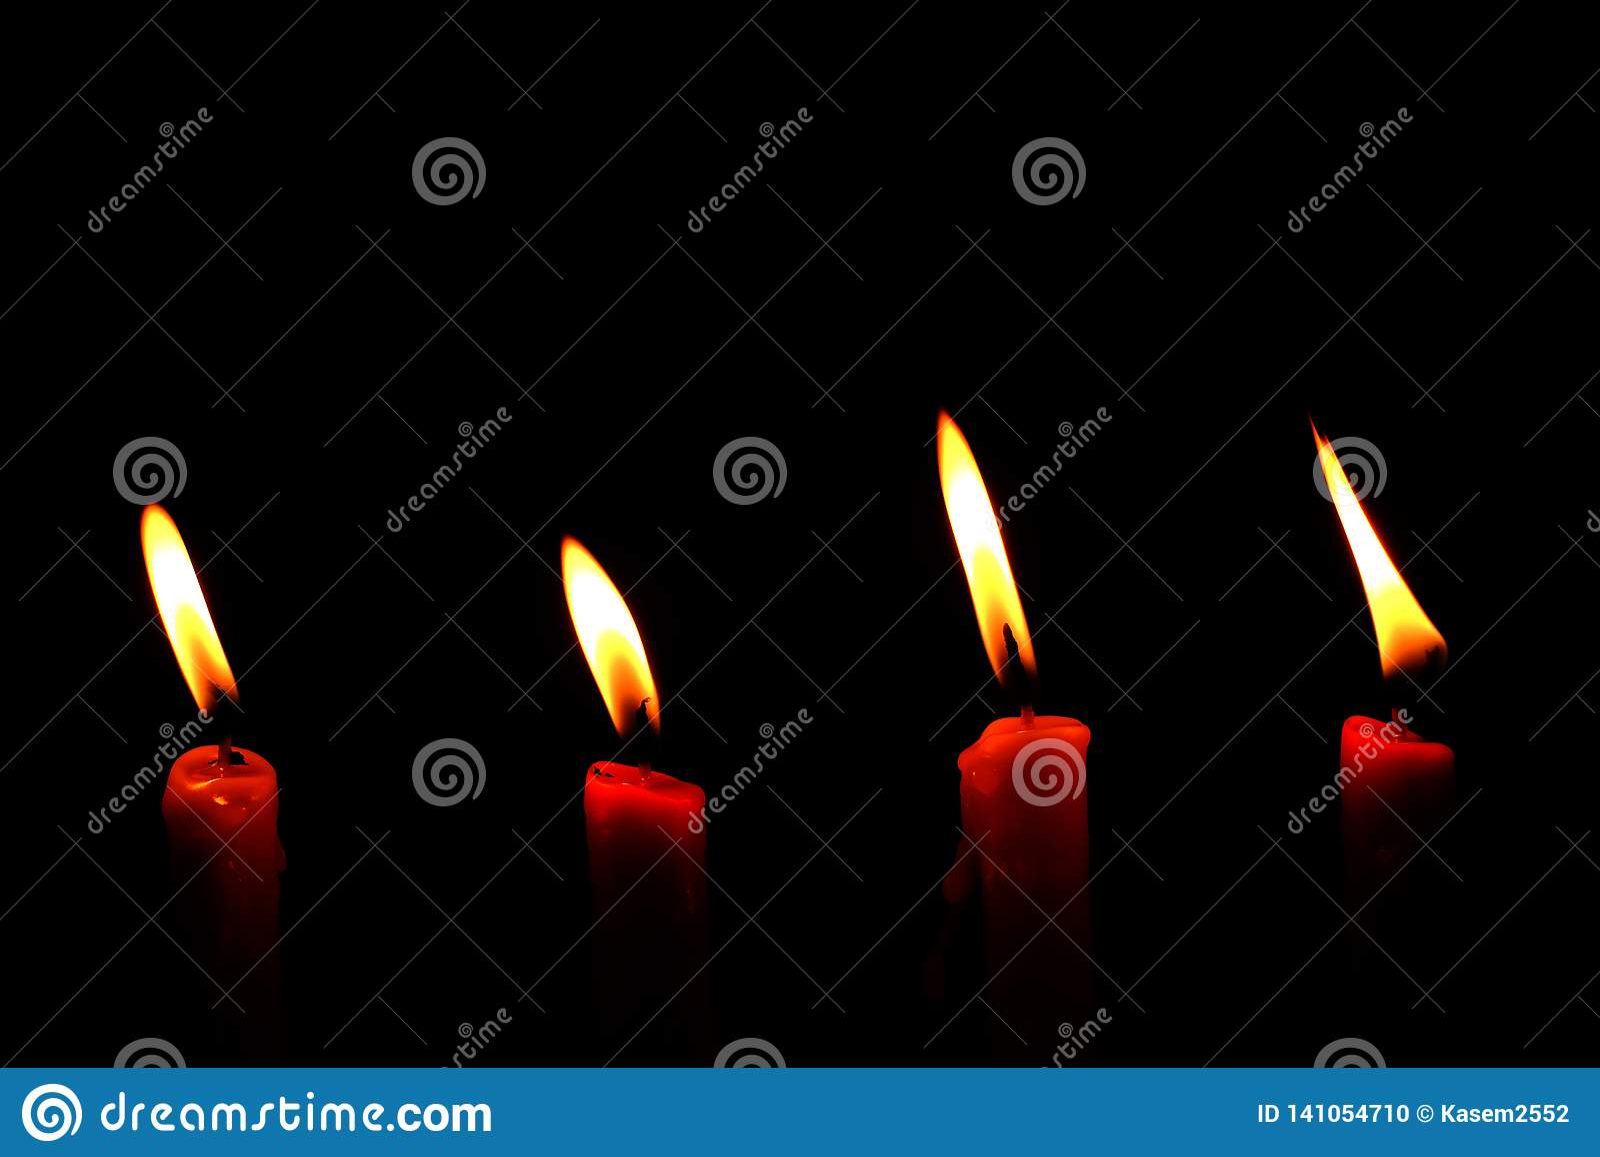 Vier lichte vlamkaars die helder branden